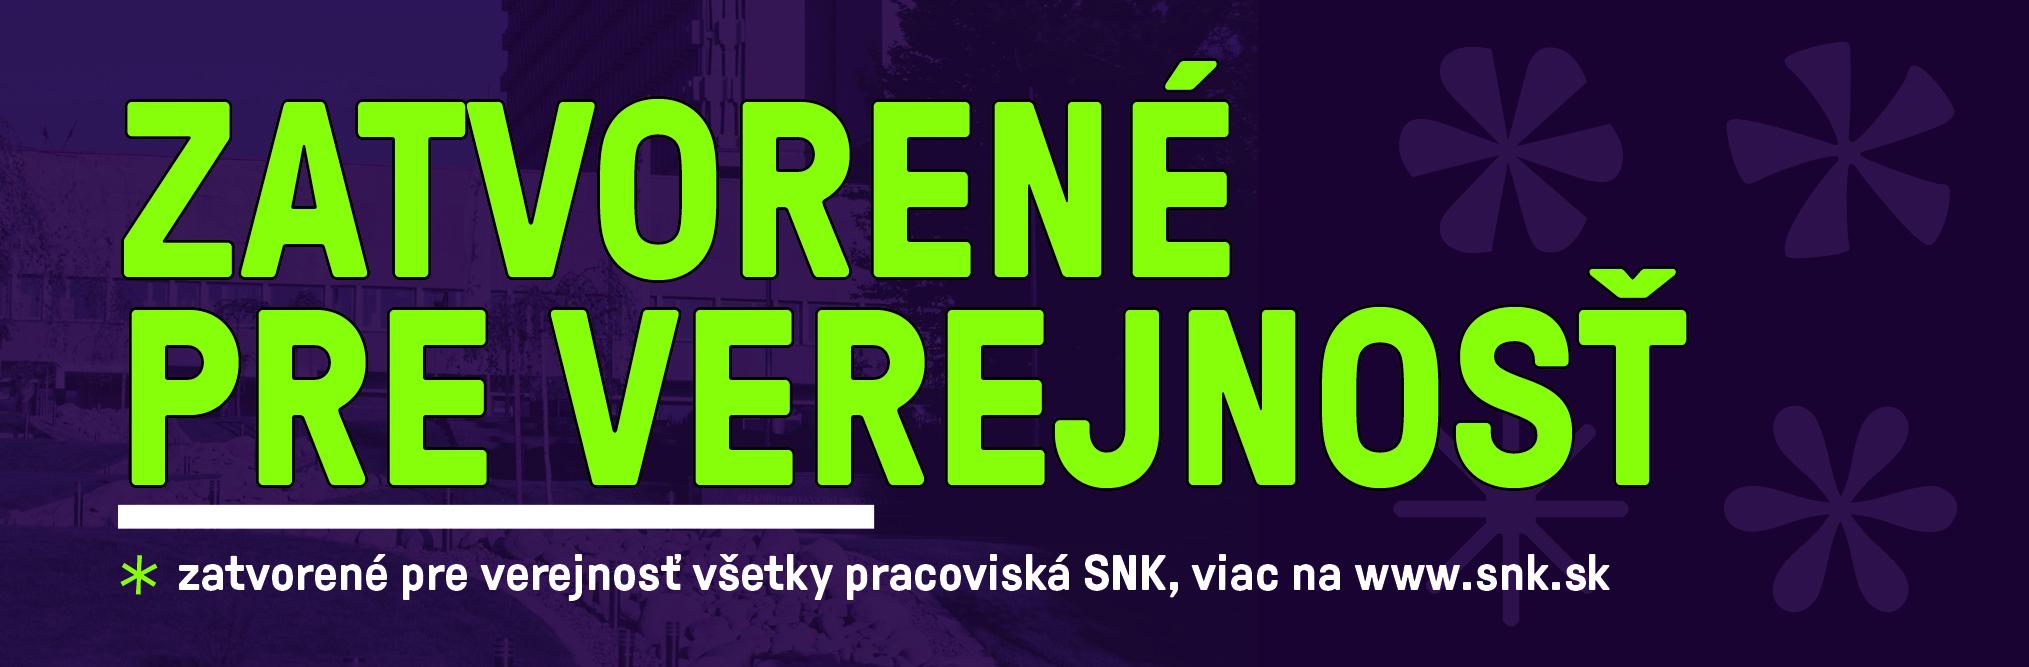 SNK pre verejnosť zatvorená